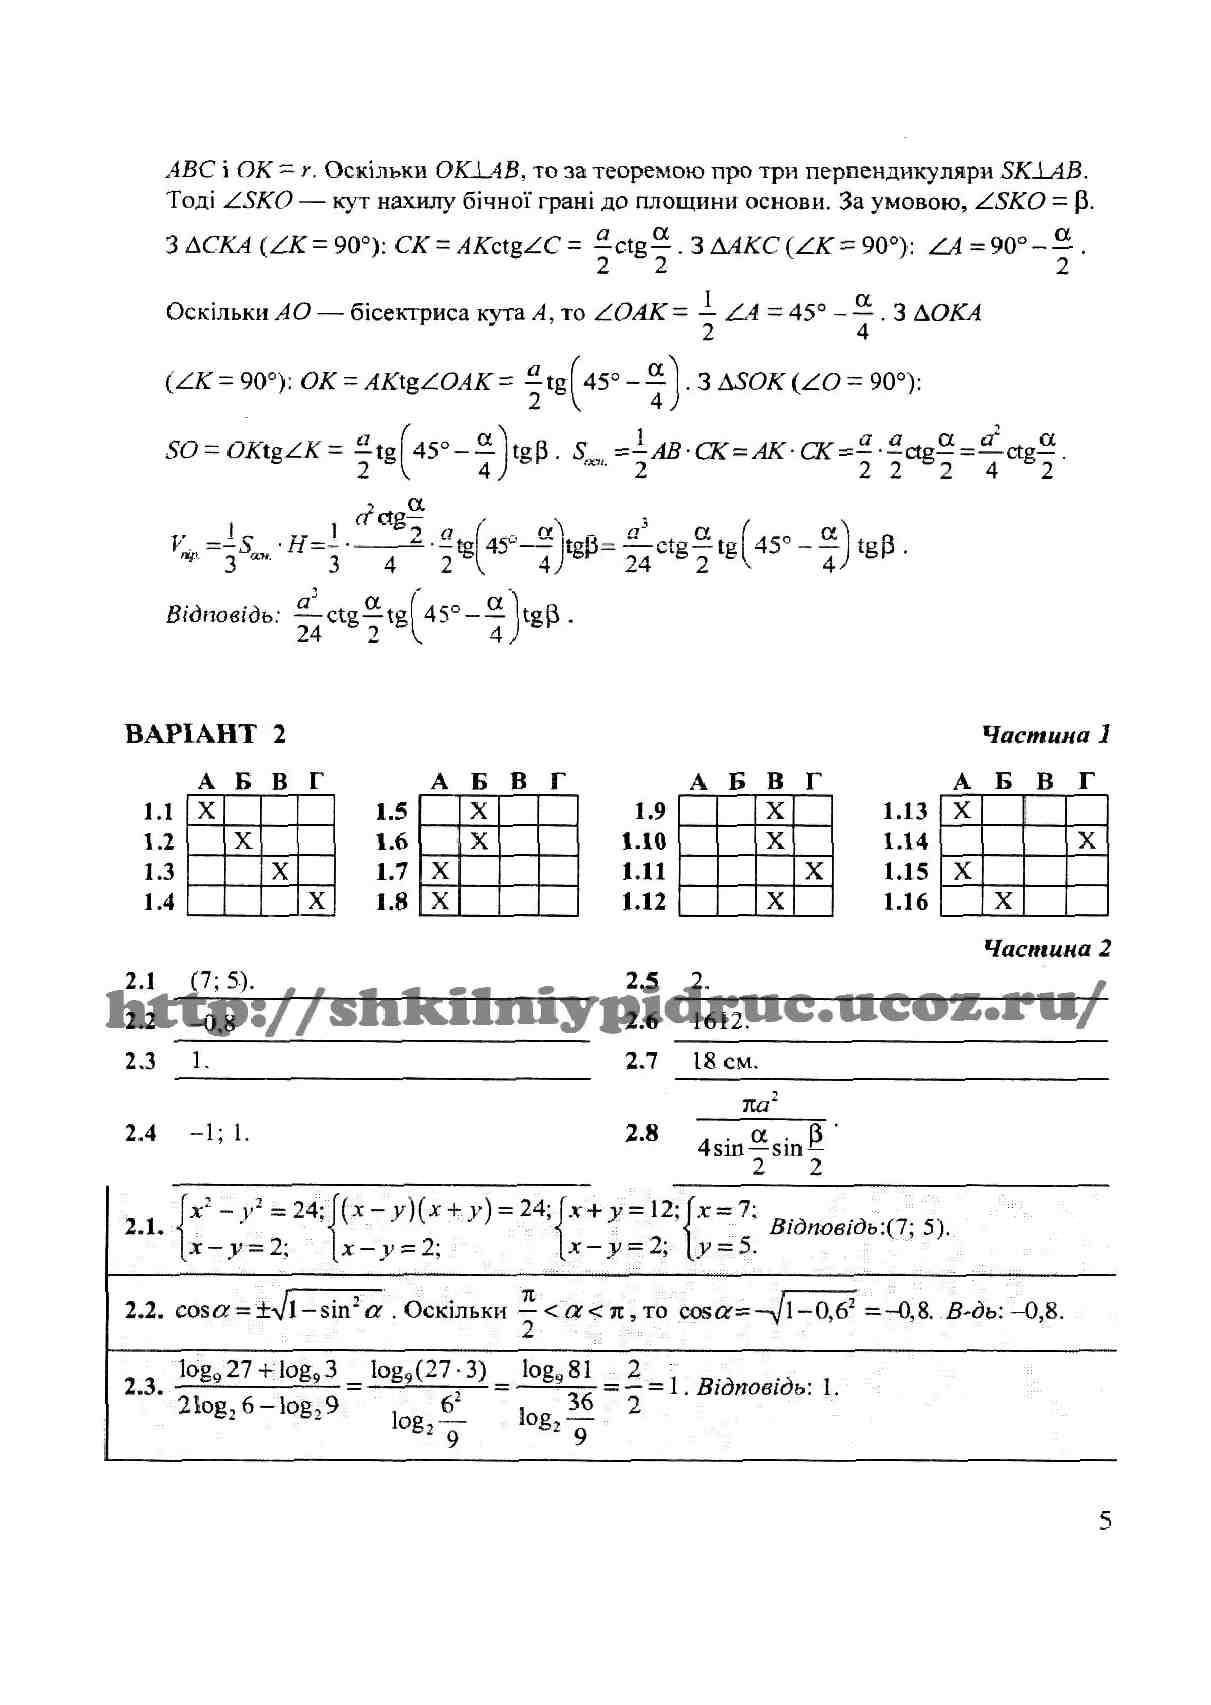 Дпа по математике 11 класс решебник